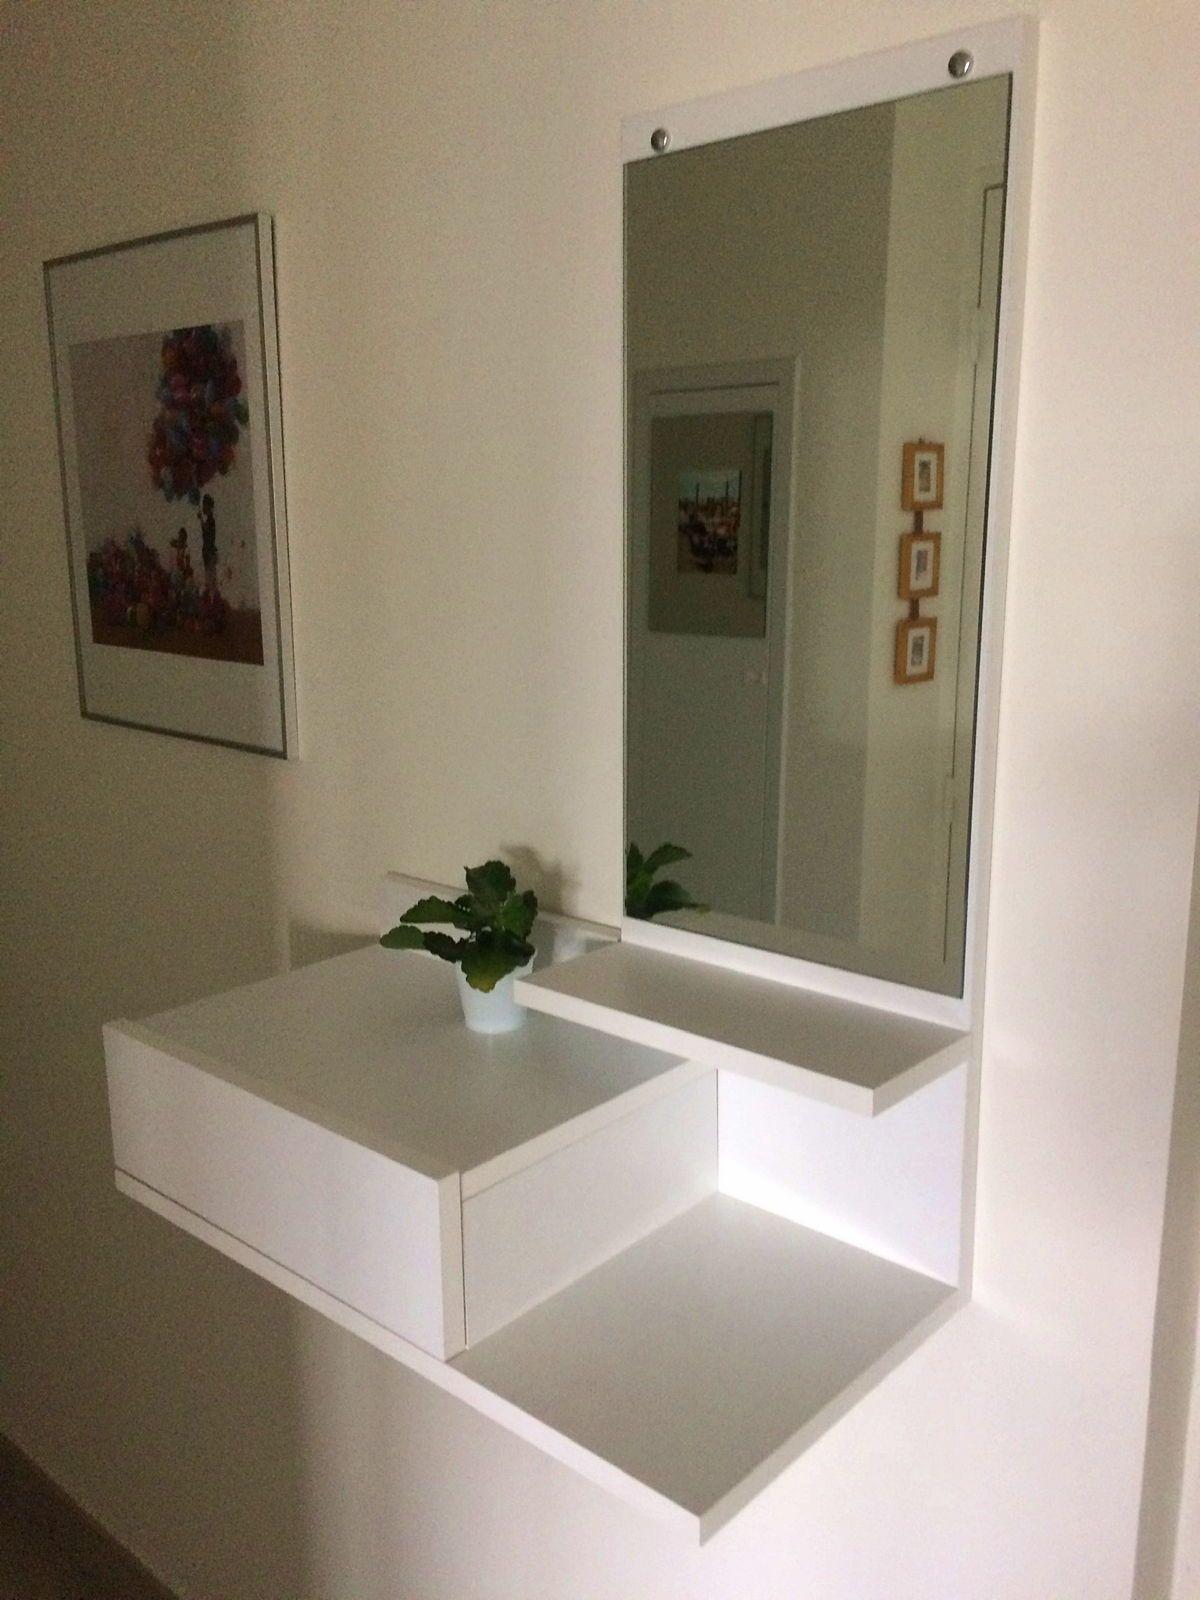 Vends petit meuble d'entrée blanc avec tiroir